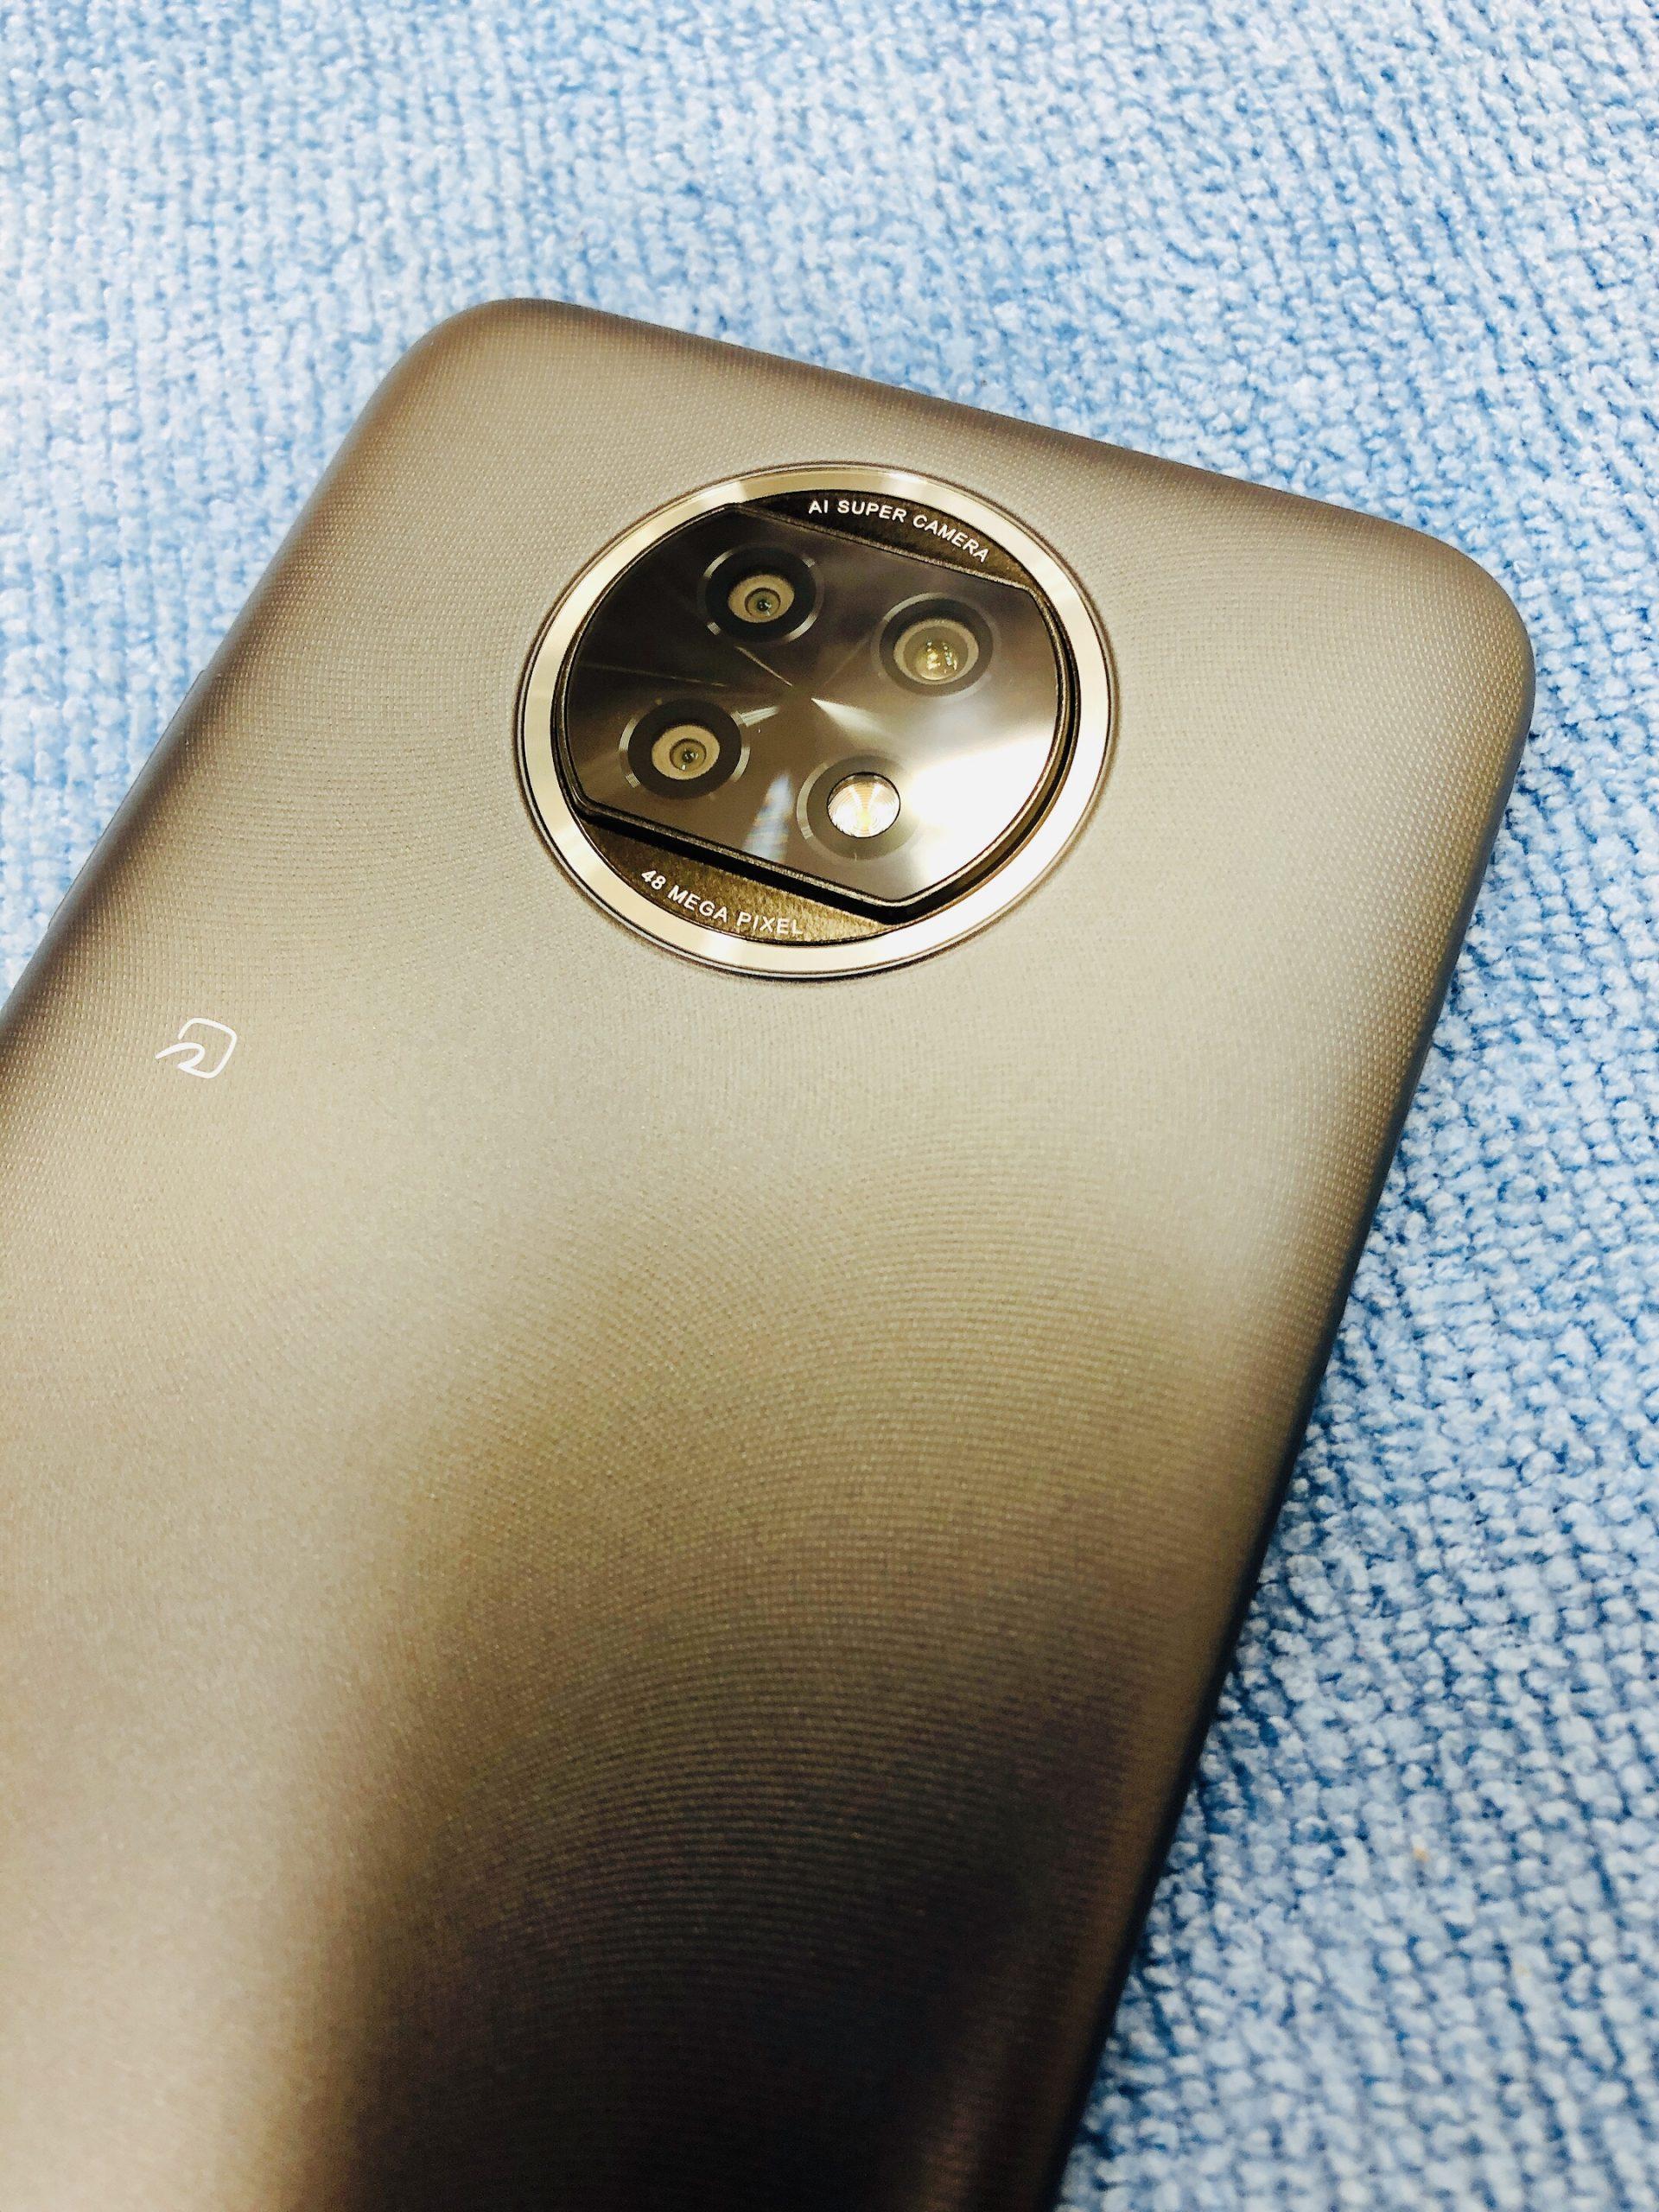 360°しっかり守る!両面ガラスコーティング+抗菌・電磁波カット/Android